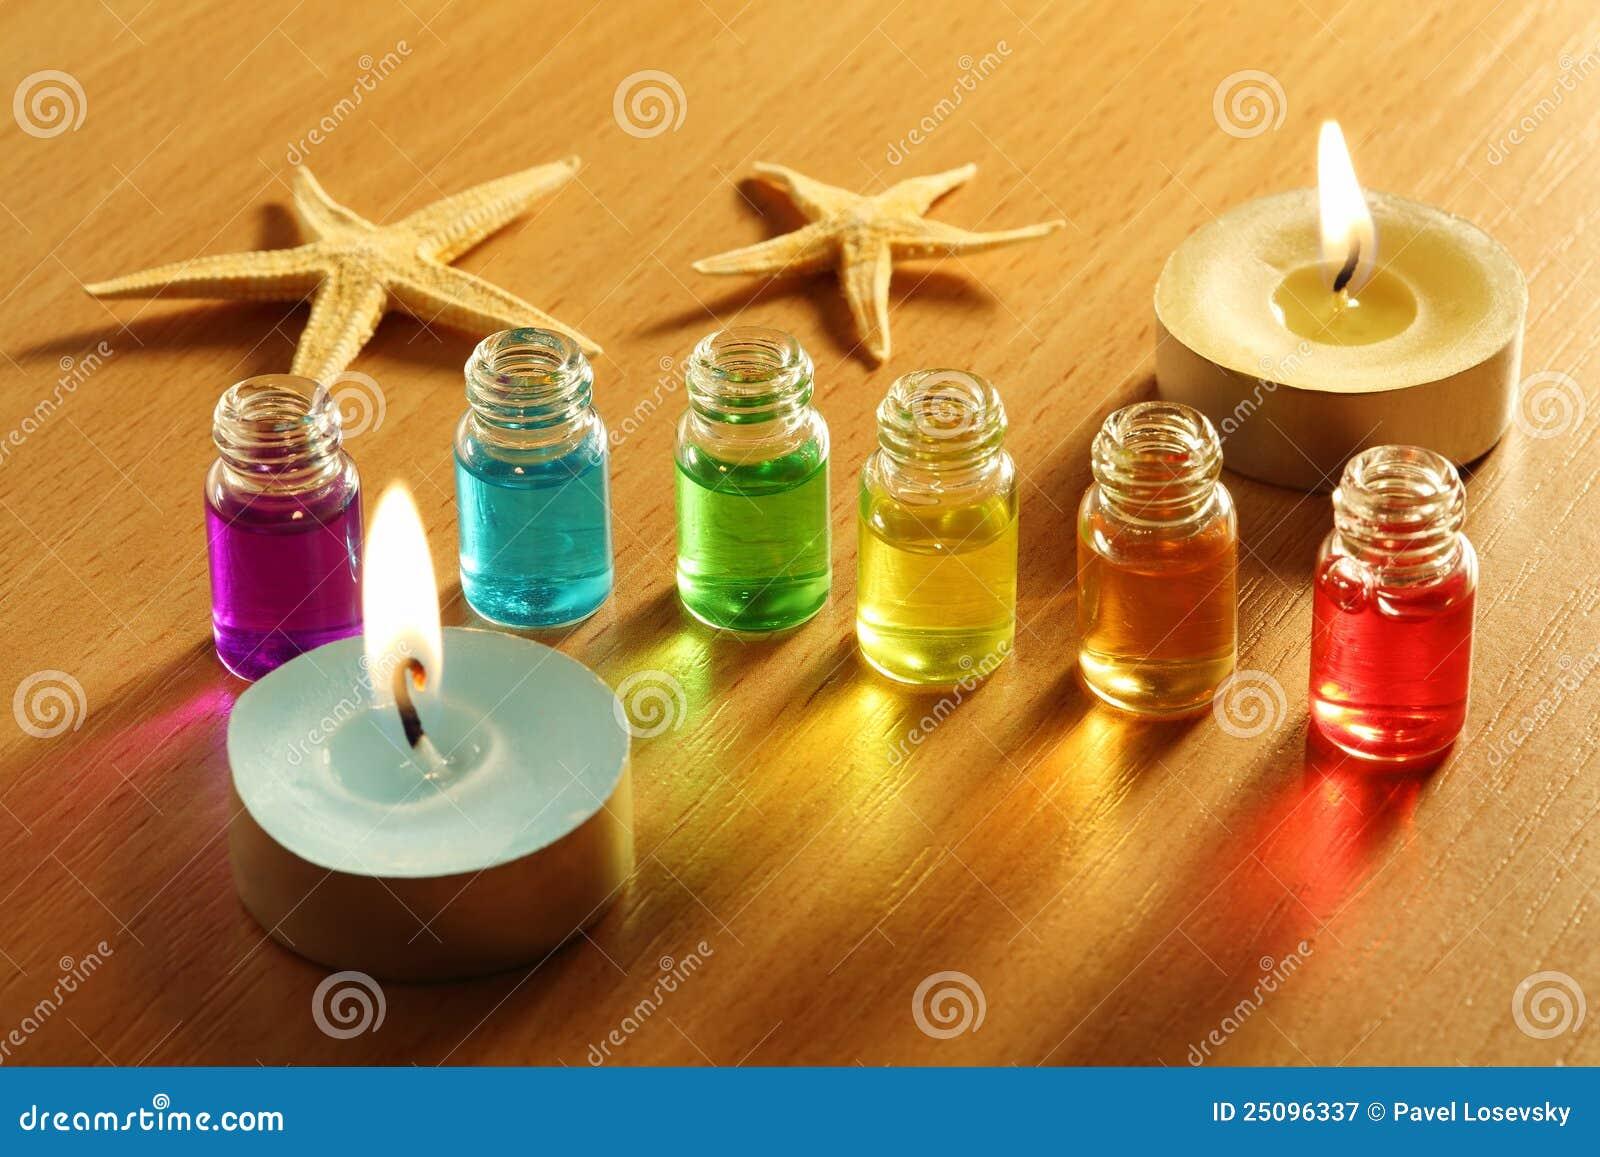 Seis botellas con petr leos velas y estrellas de mar del - Botellas con velas ...